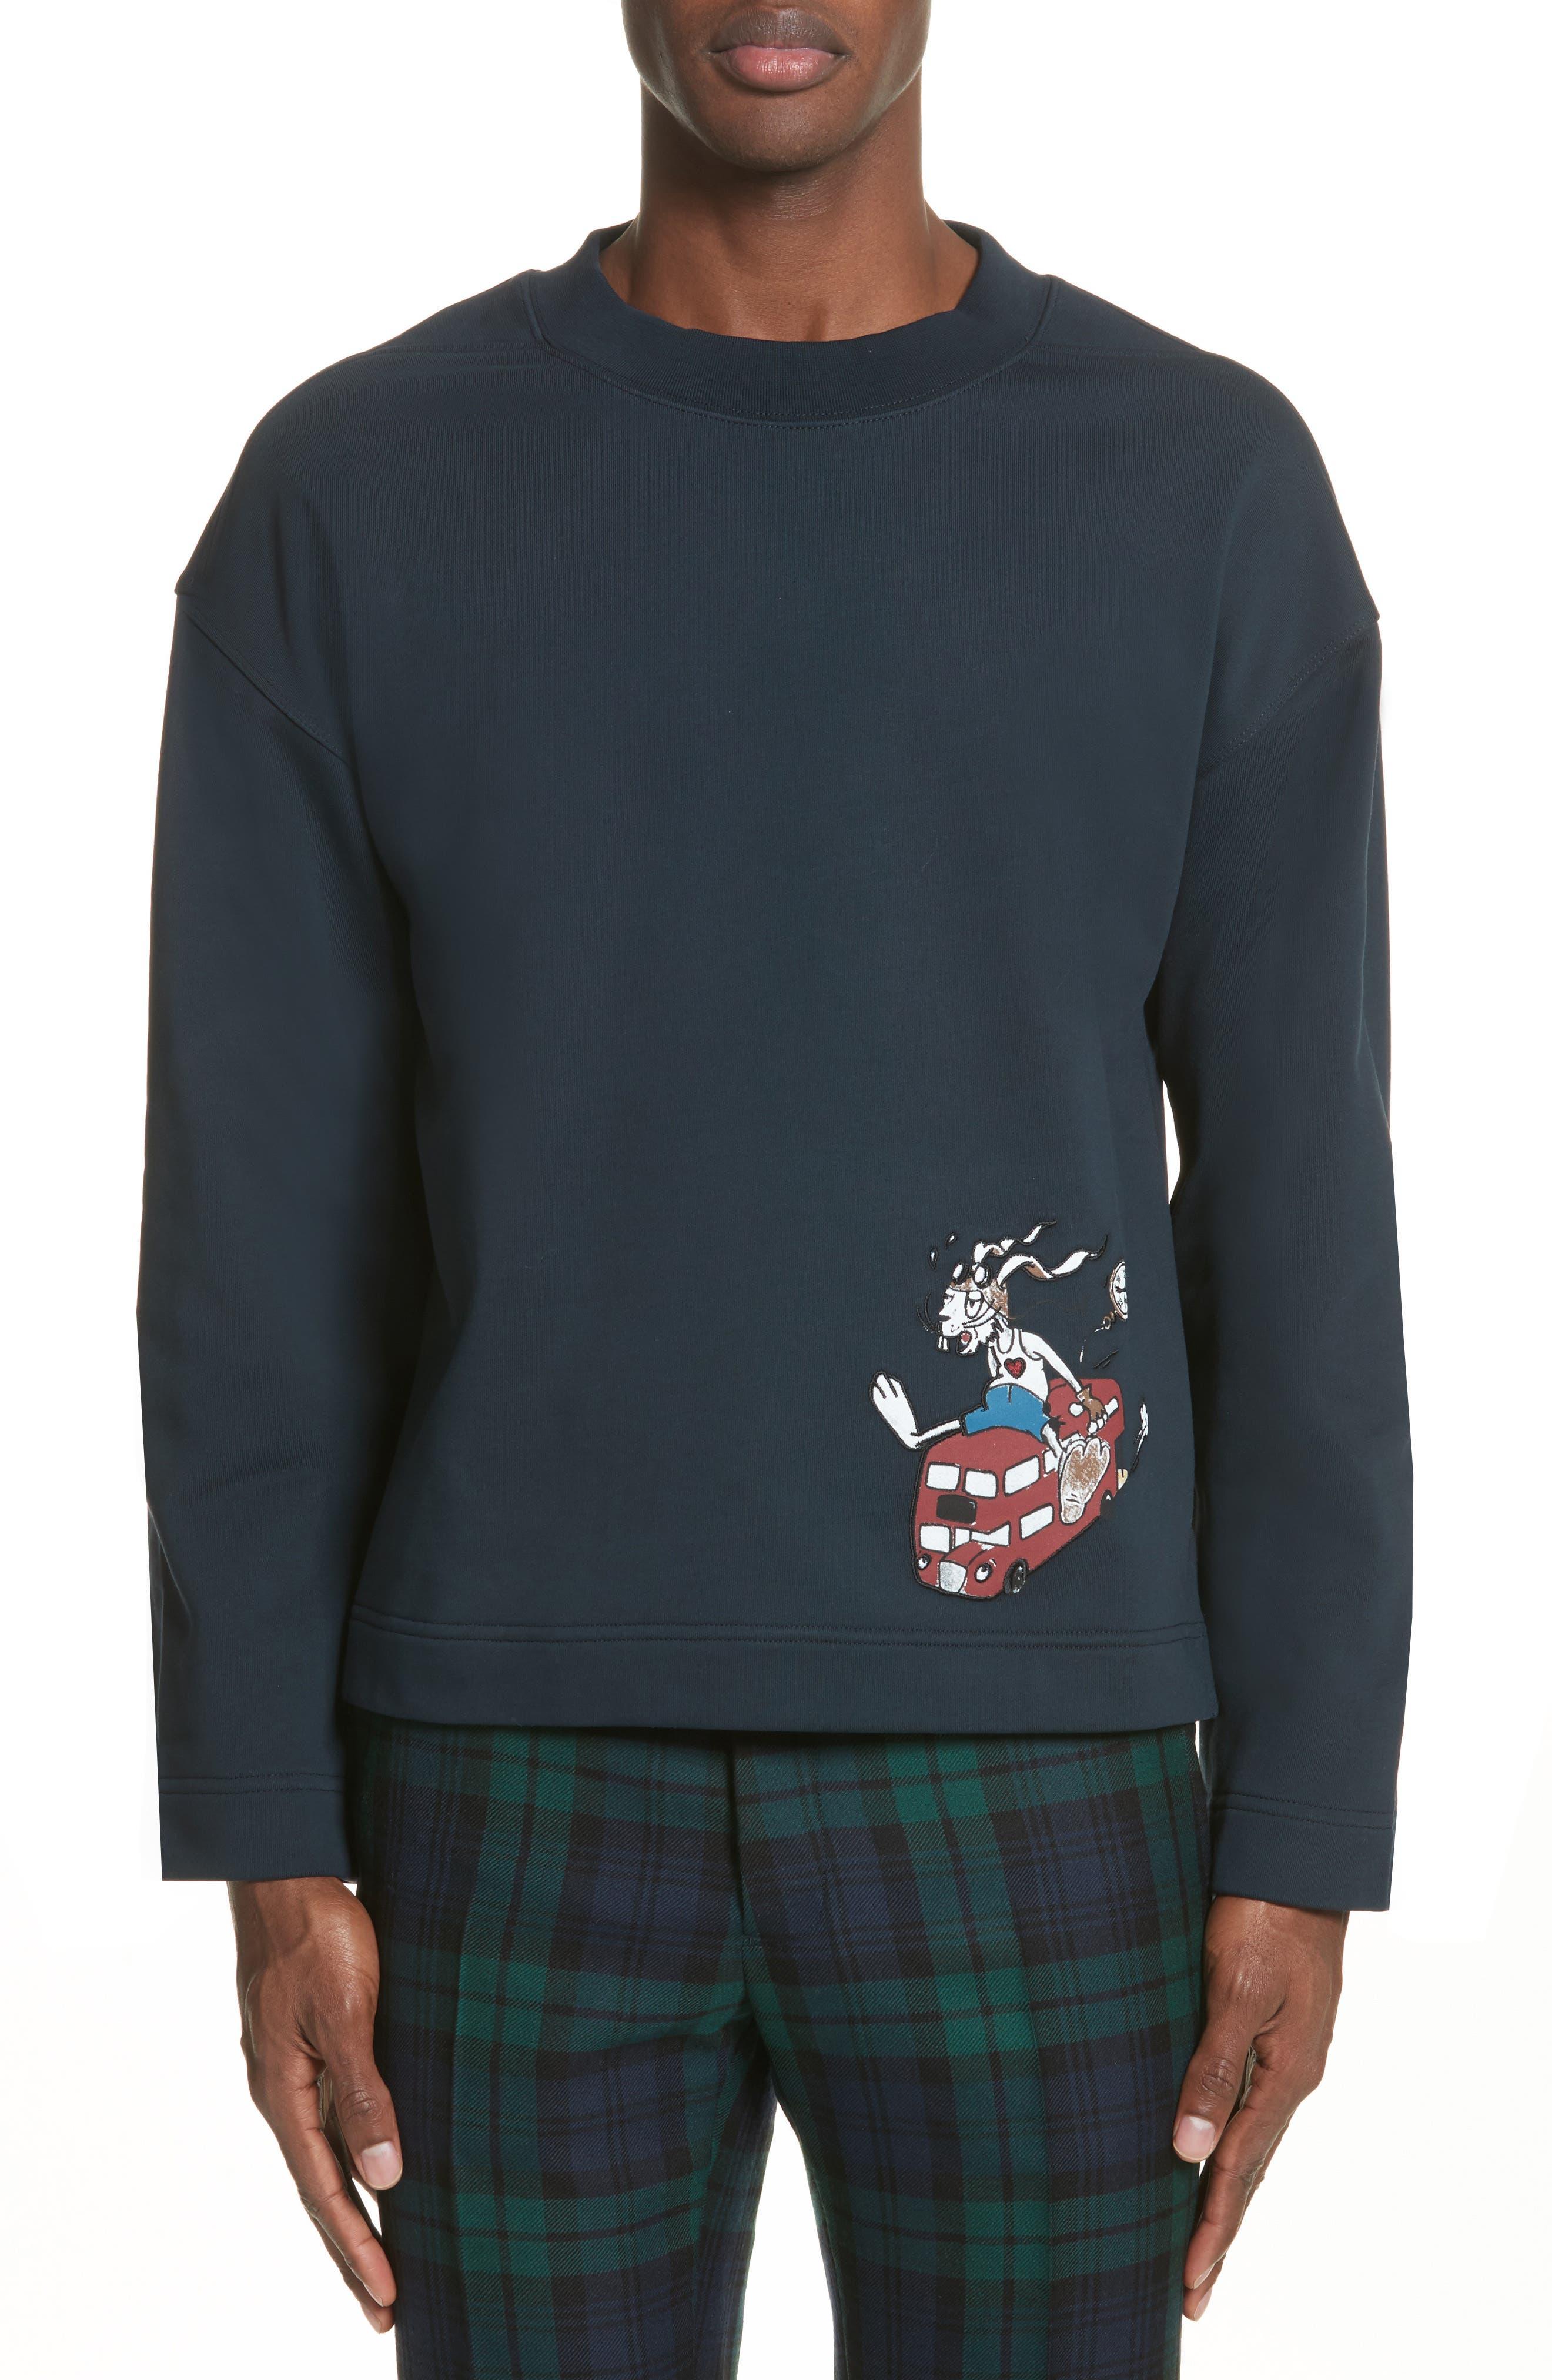 Sketch Print Appliquéd Cropped Sweatshirt,                         Main,                         color, Navy